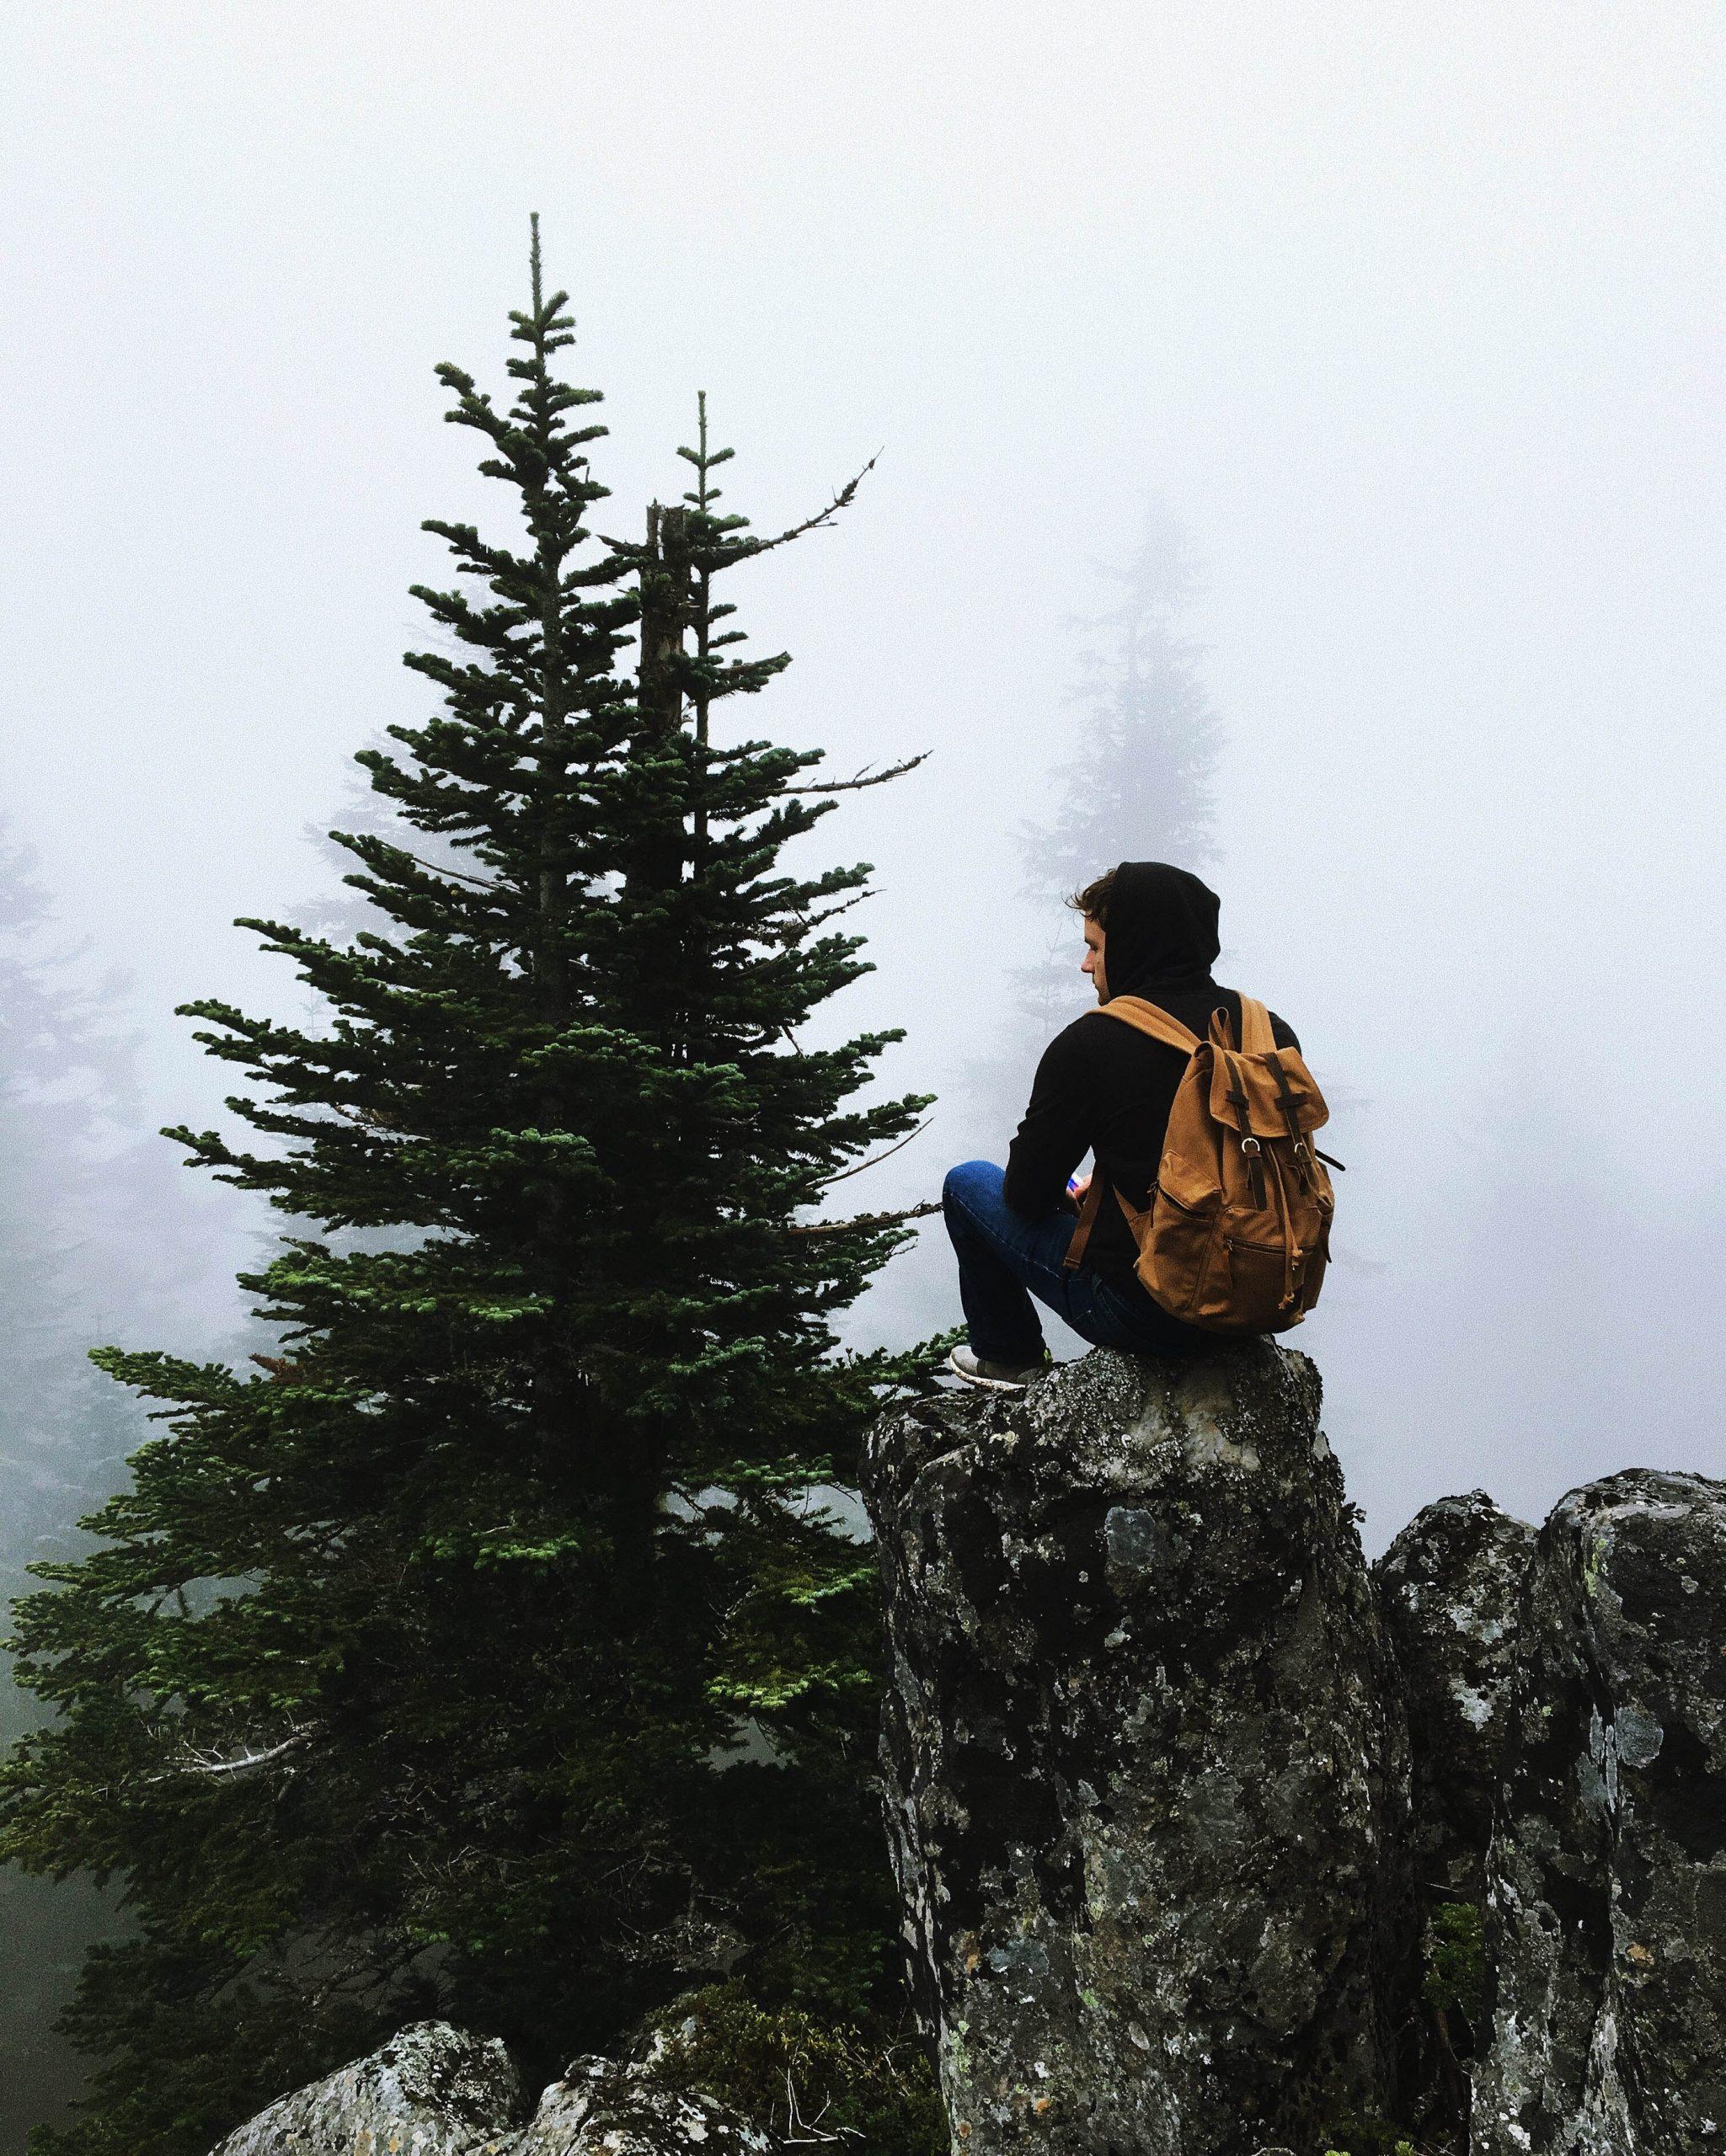 người đàn ông ngồi trên mỏm đá nhìn về phía rừng thông có sương mù.